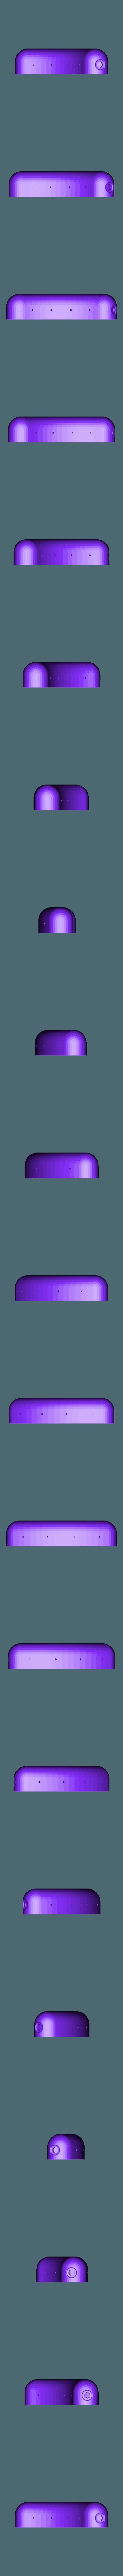 Body.stl Download free STL file E-drum percussion • 3D print design, Tibus